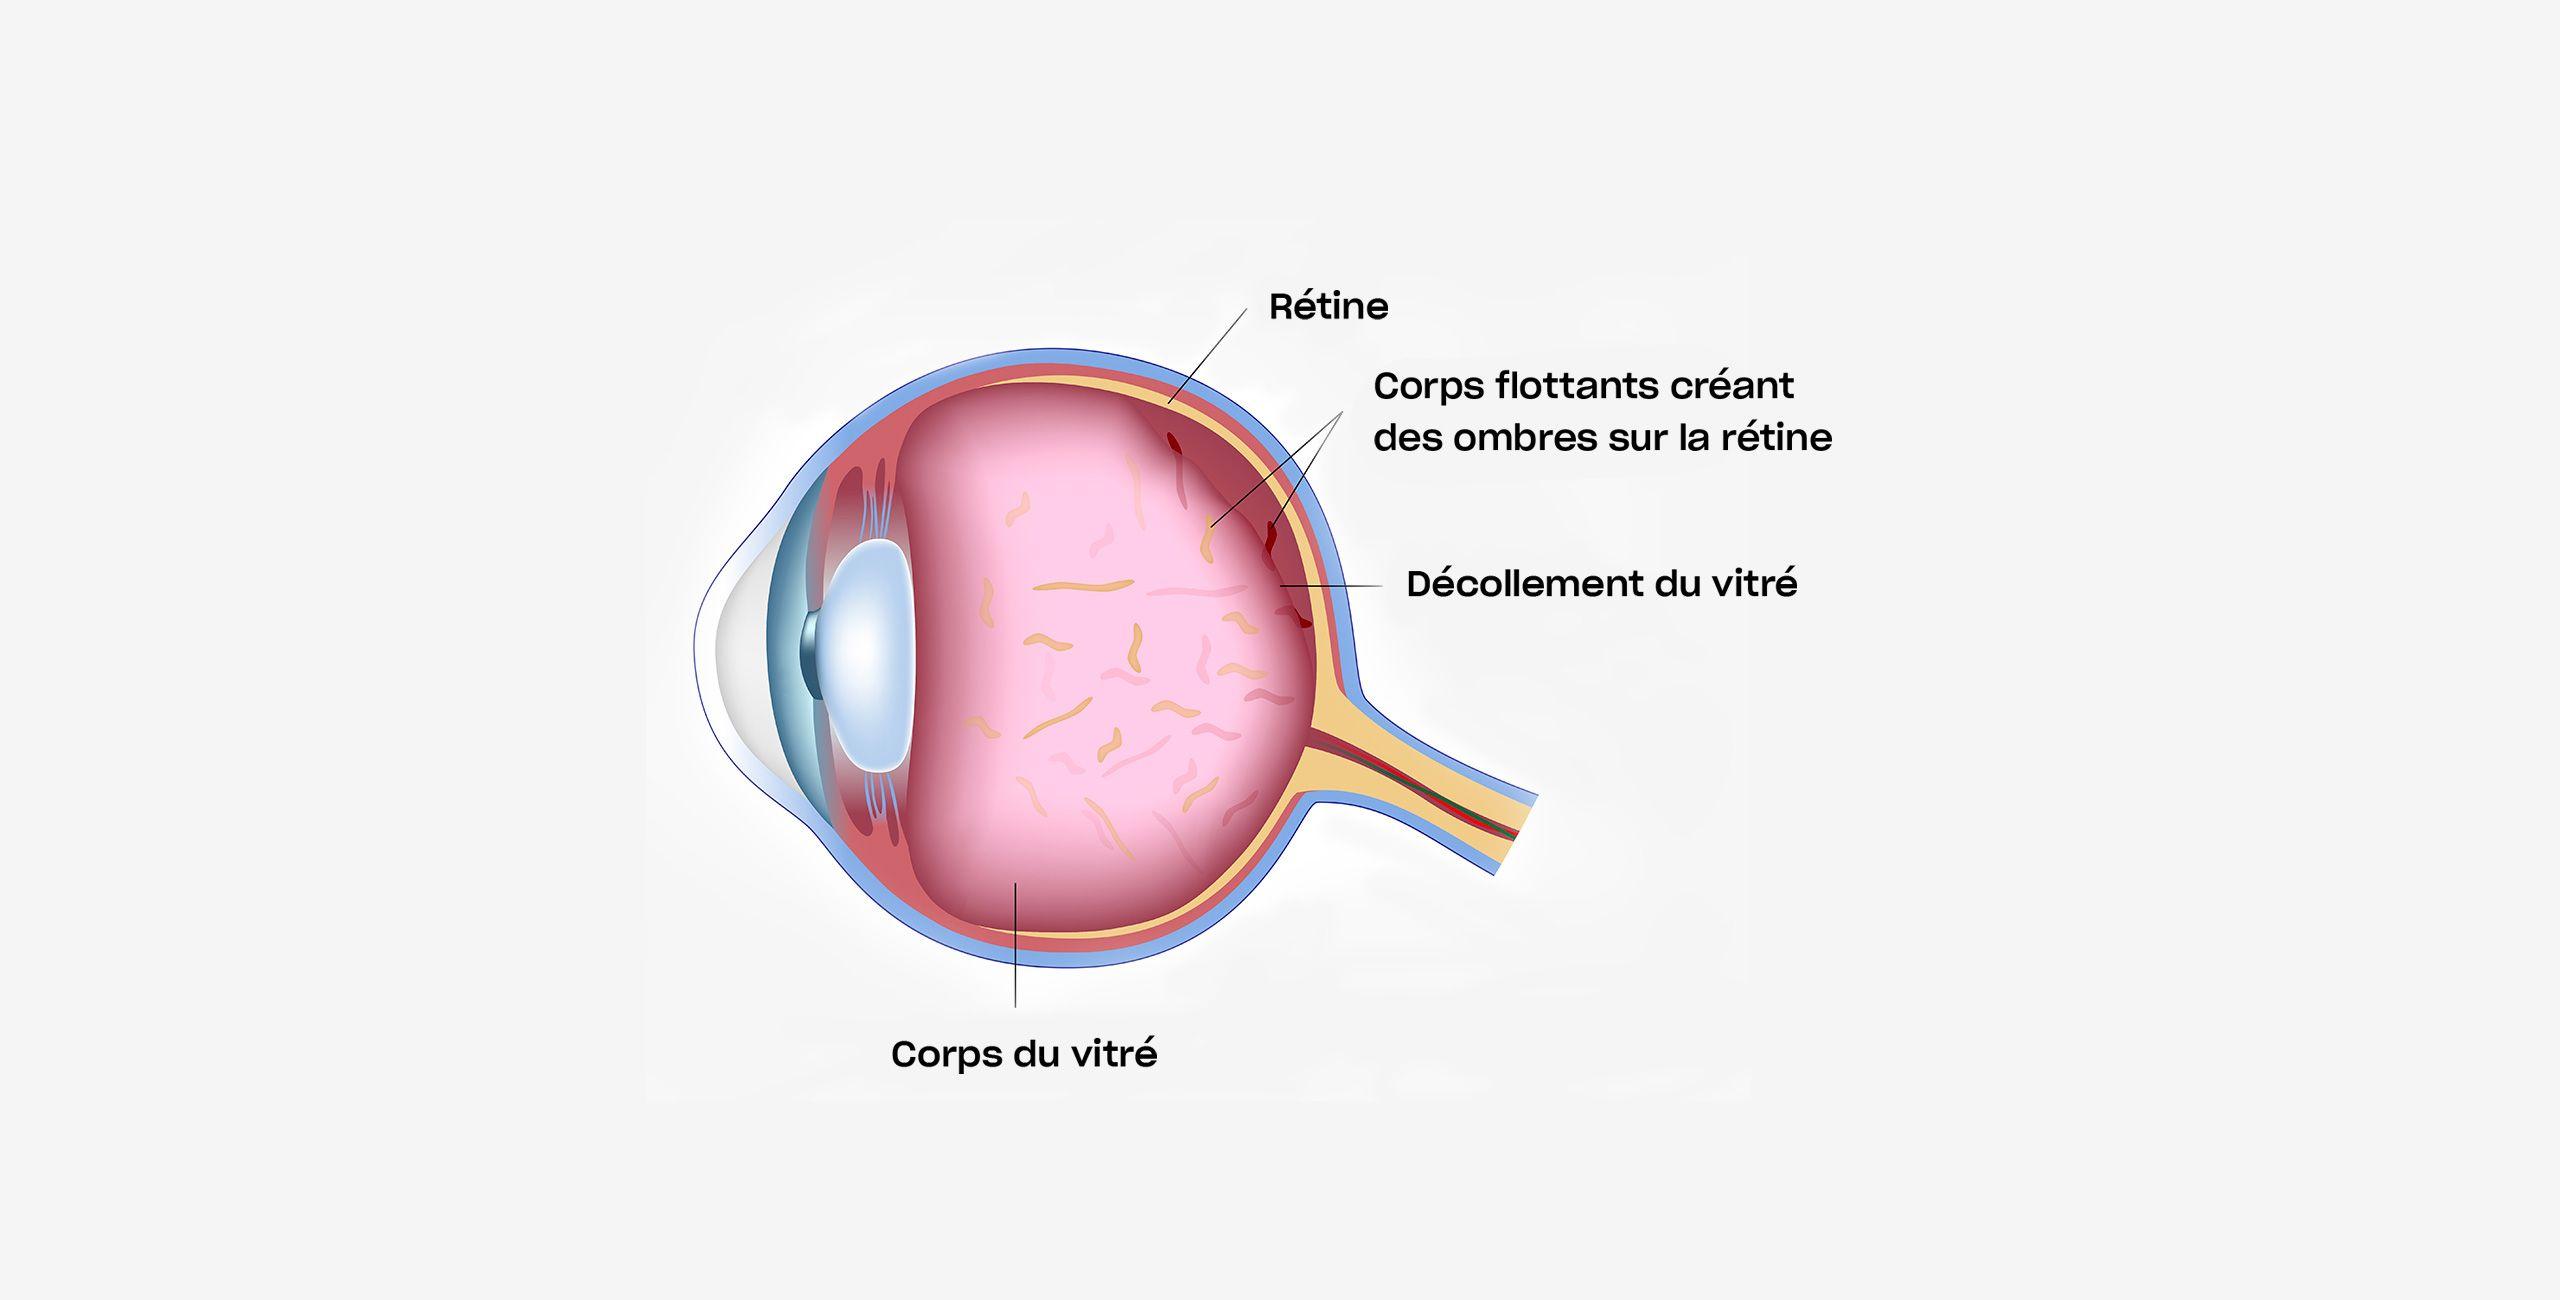 Le décollement postérieur du vitré traitement à Paris 5 au Centre ophtalmologique COSS